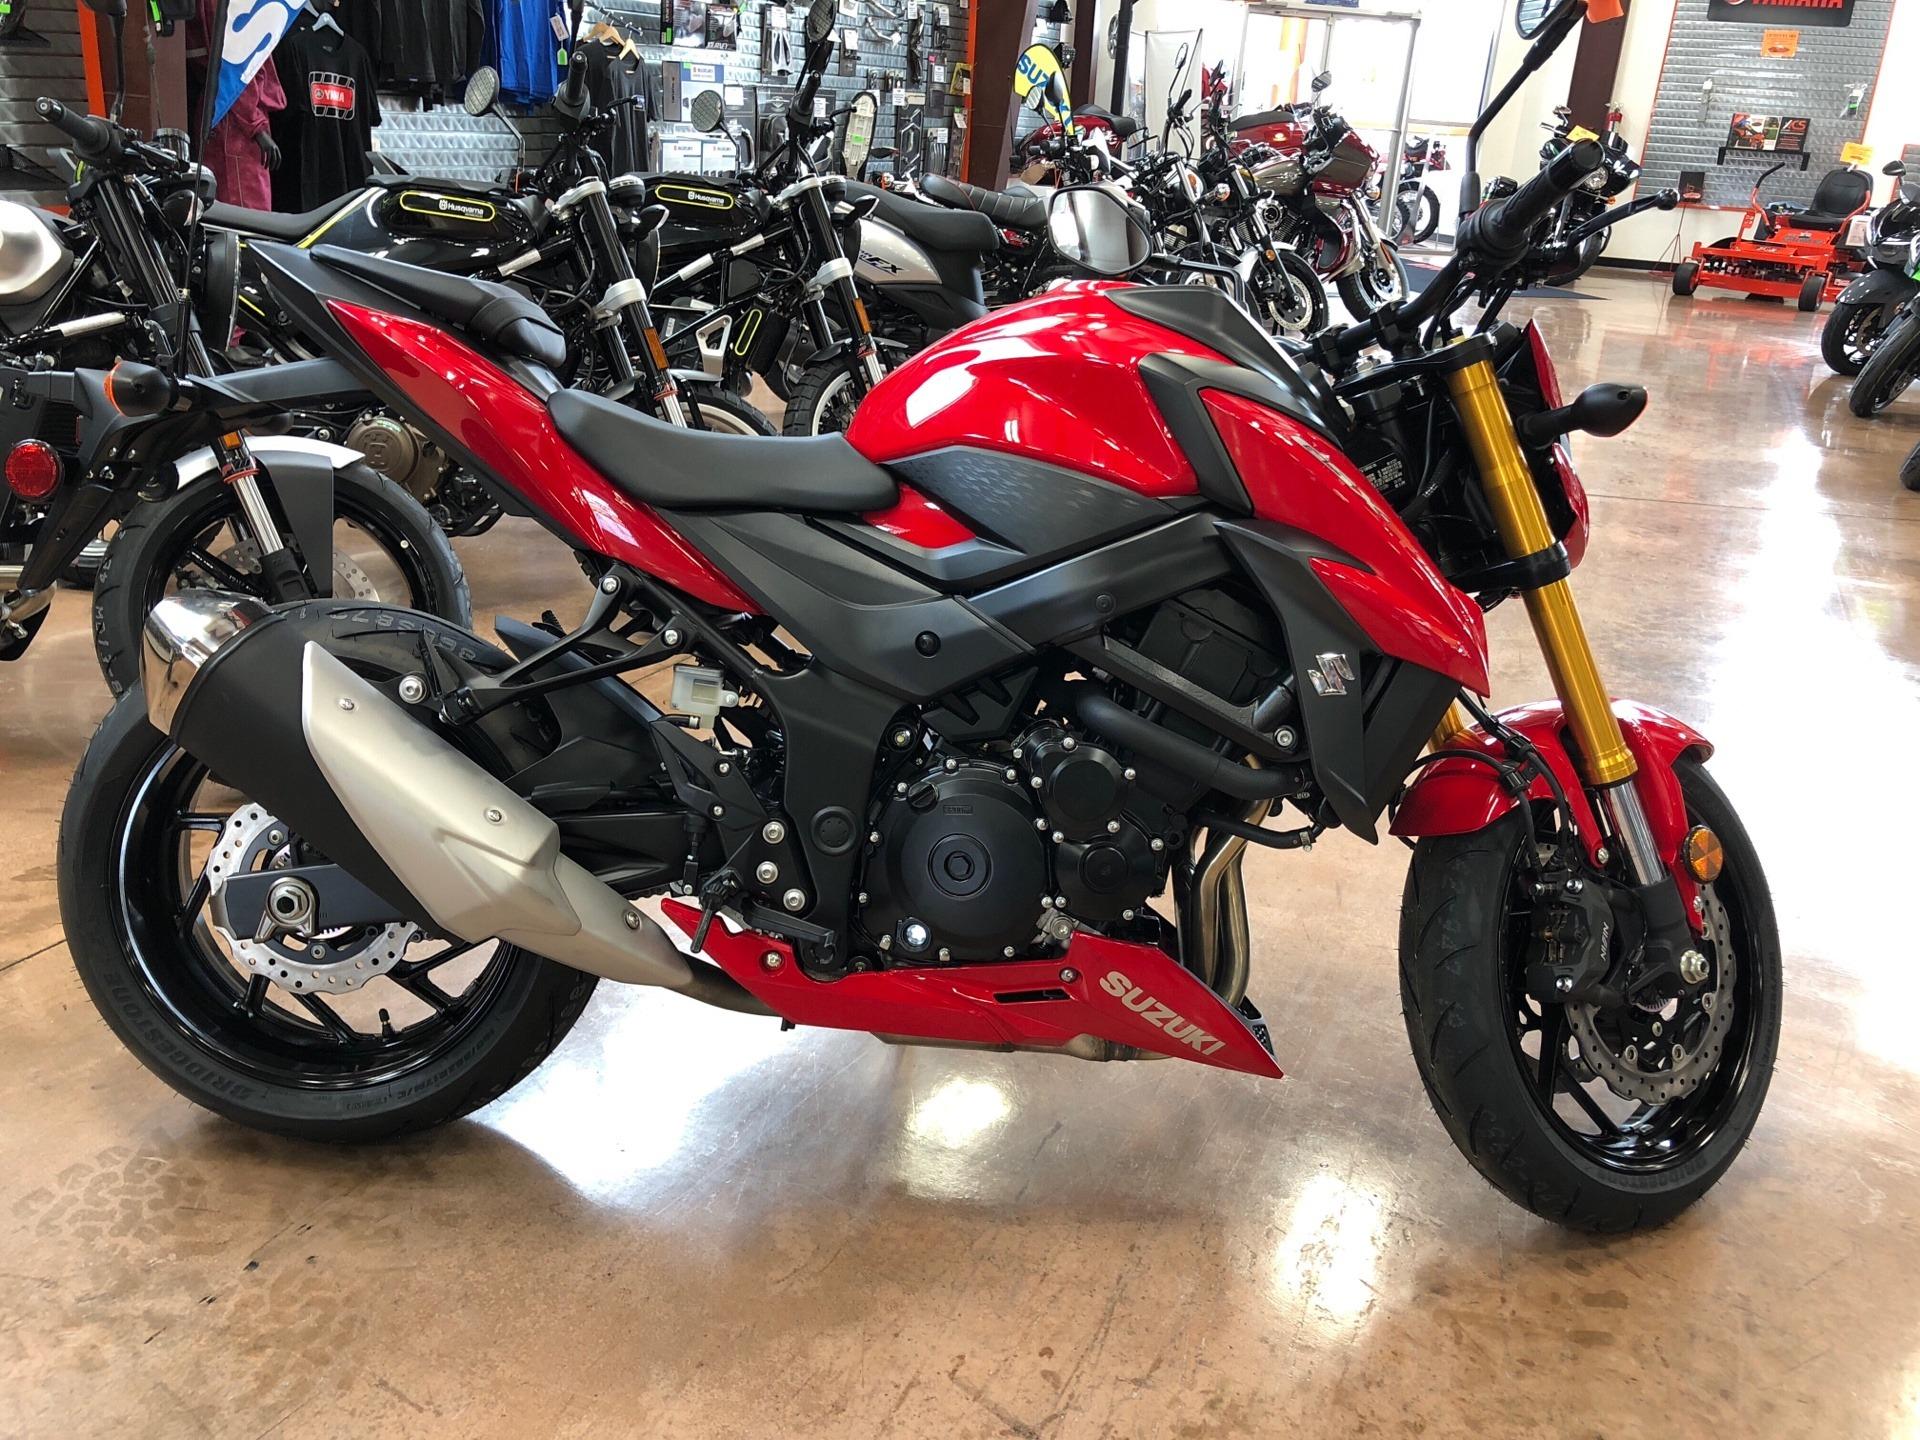 New 2018 Suzuki Gsx S750 Motorcycles In Evansville In Stock